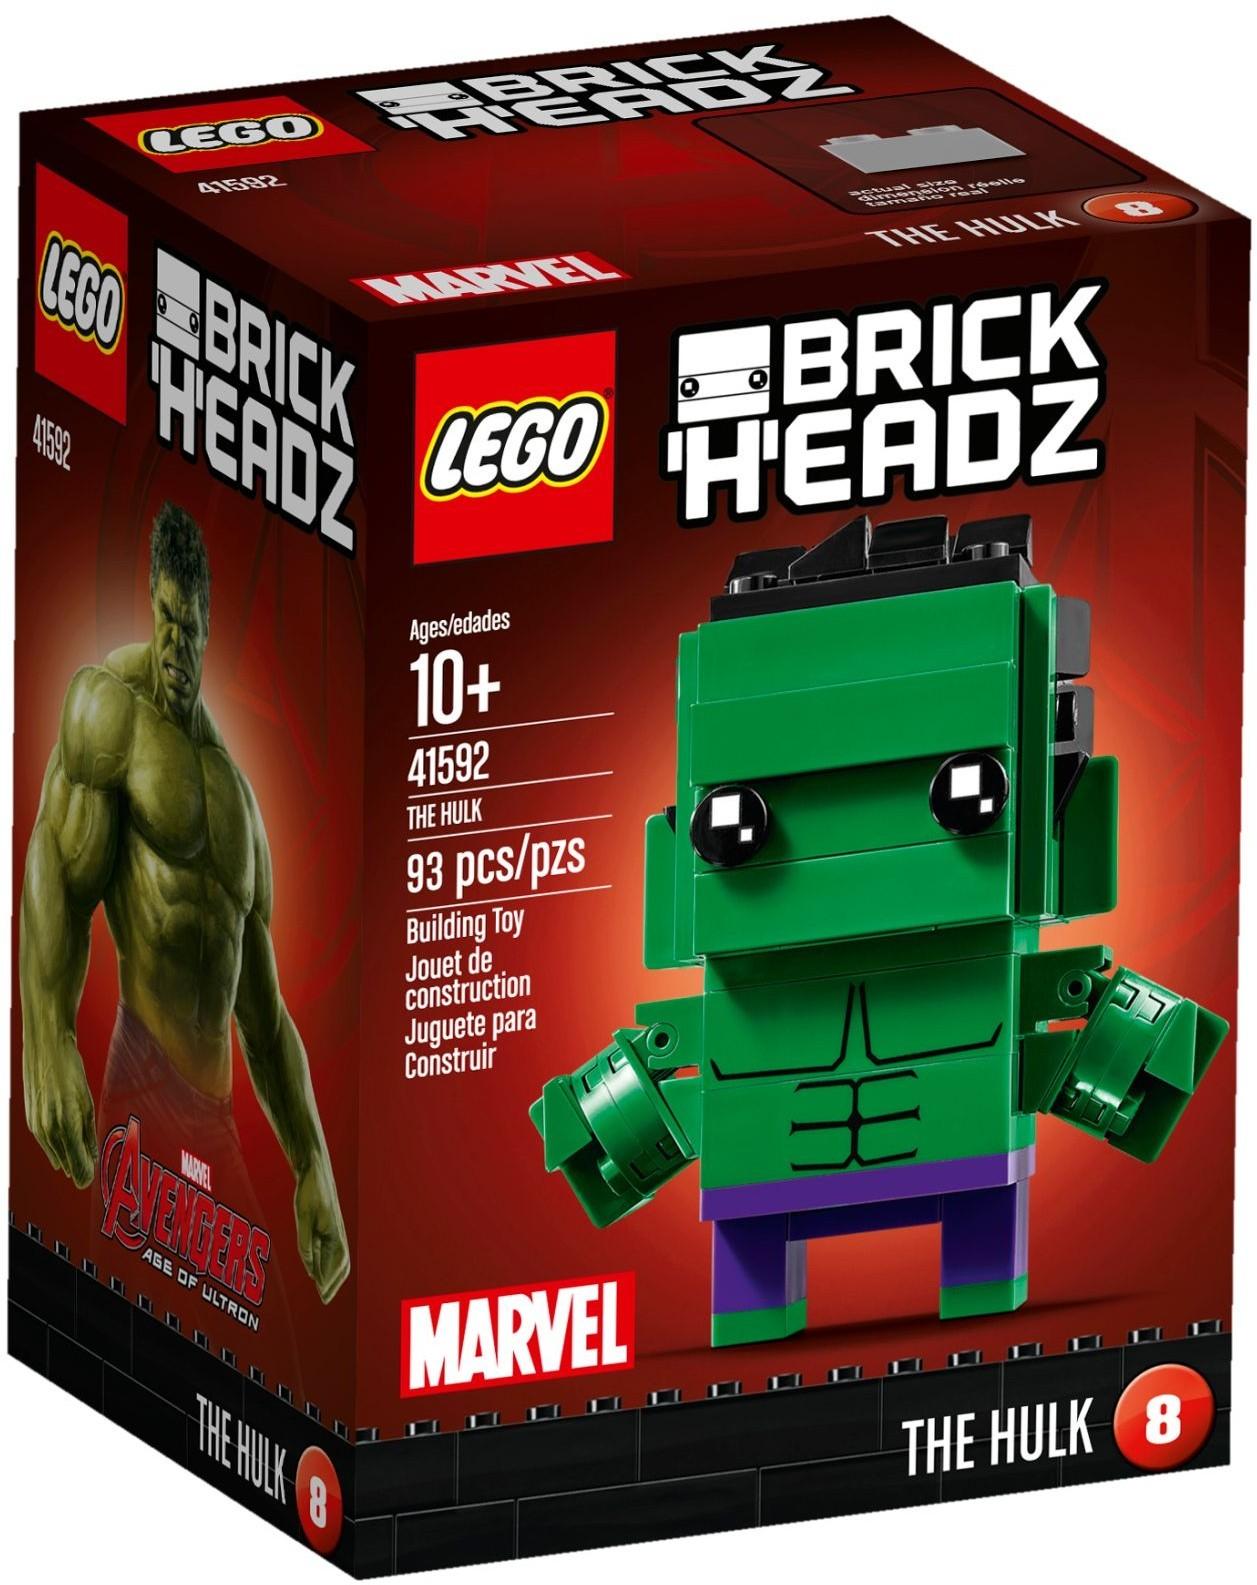 LEGO Brickheadz - The Hulk (41592) image